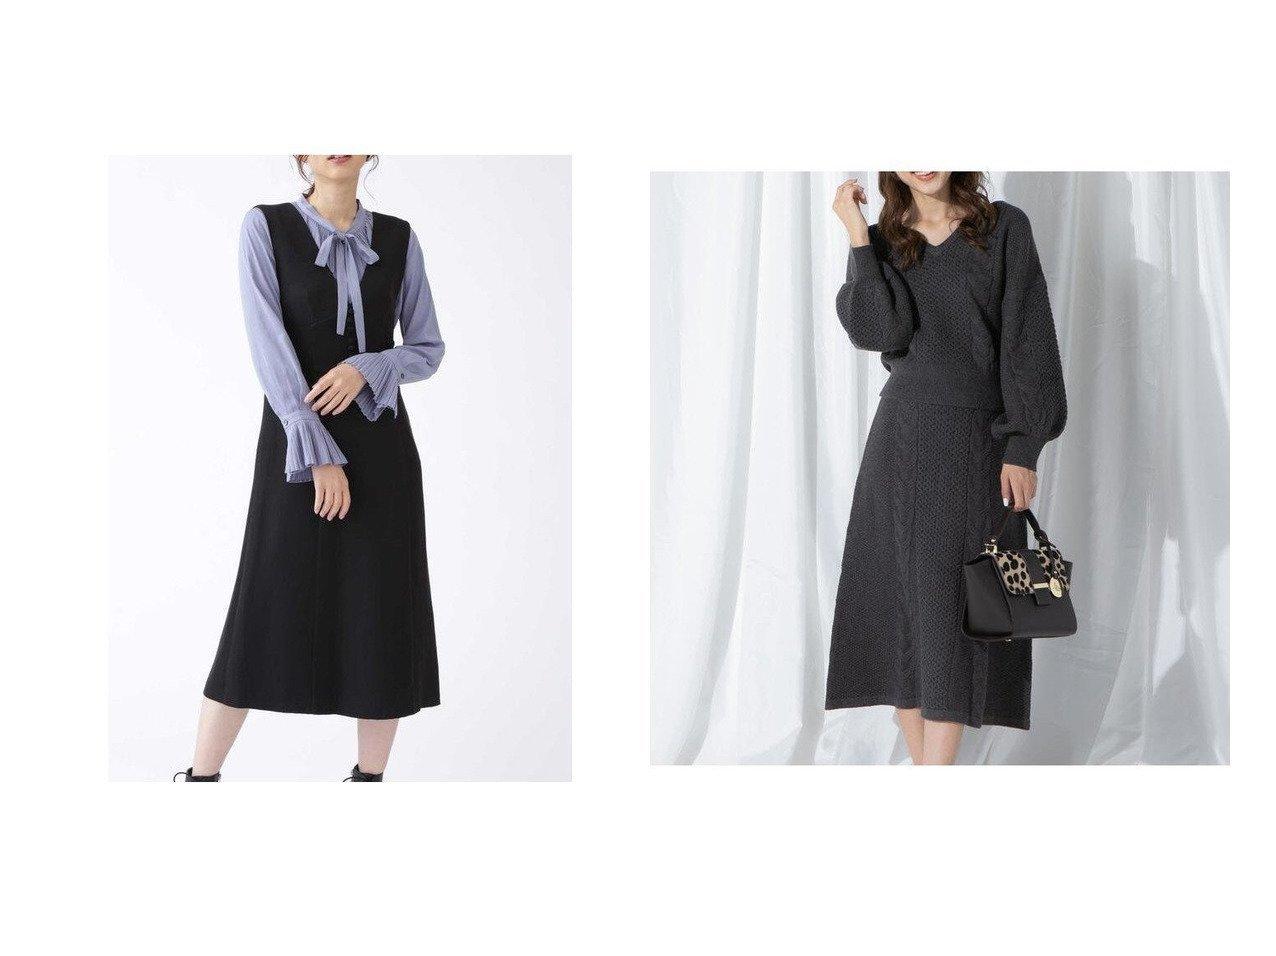 【JILLSTUART/ジルスチュアート】のペイジジャンパースカート&【QUEENS COURT/クイーンズ コート】のアラン柄ニットアップ ワンピース・ドレスのおすすめ!人気、レディースファッションの通販  おすすめで人気のファッション通販商品 インテリア・家具・キッズファッション・メンズファッション・レディースファッション・服の通販 founy(ファニー) https://founy.com/ ファッション Fashion レディース WOMEN ワンピース Dress スリット センター フェミニン セットアップ フィット フォルム 今季 |ID:crp329100000002917